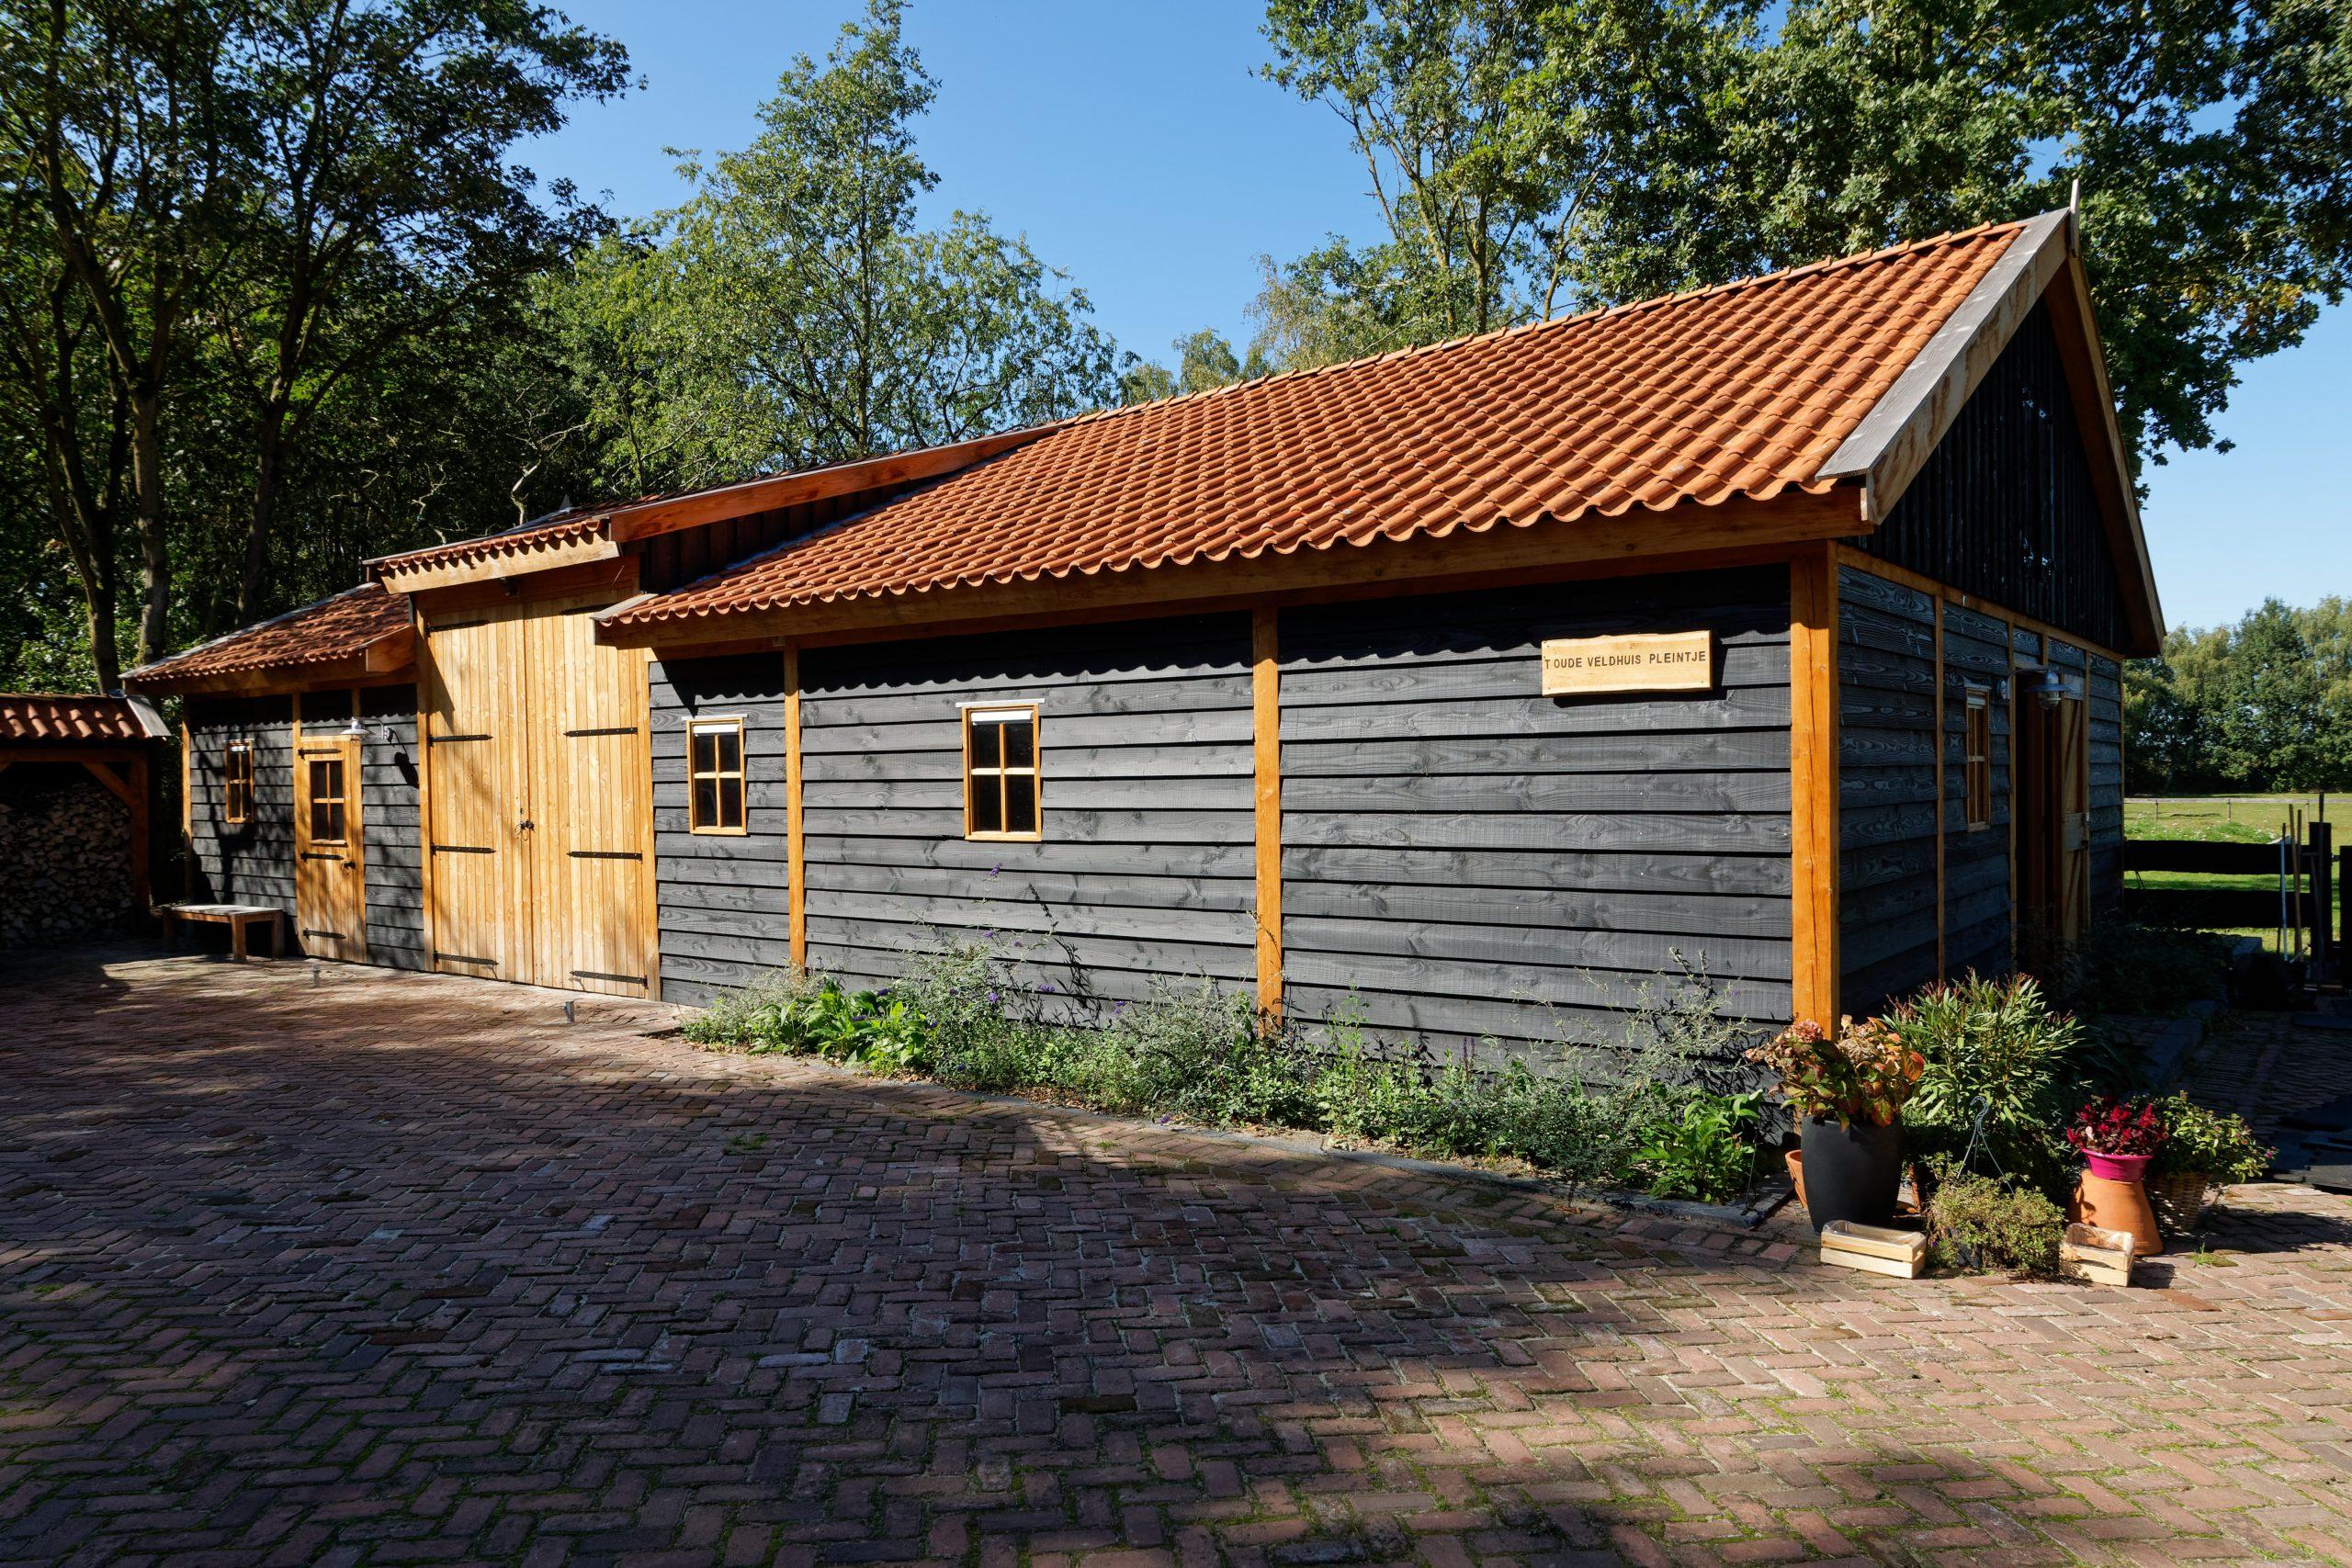 houten-schuur-met-paardenstallen-28-scaled - Project Hardenberg: Grote houten schuur met paardenstallen.